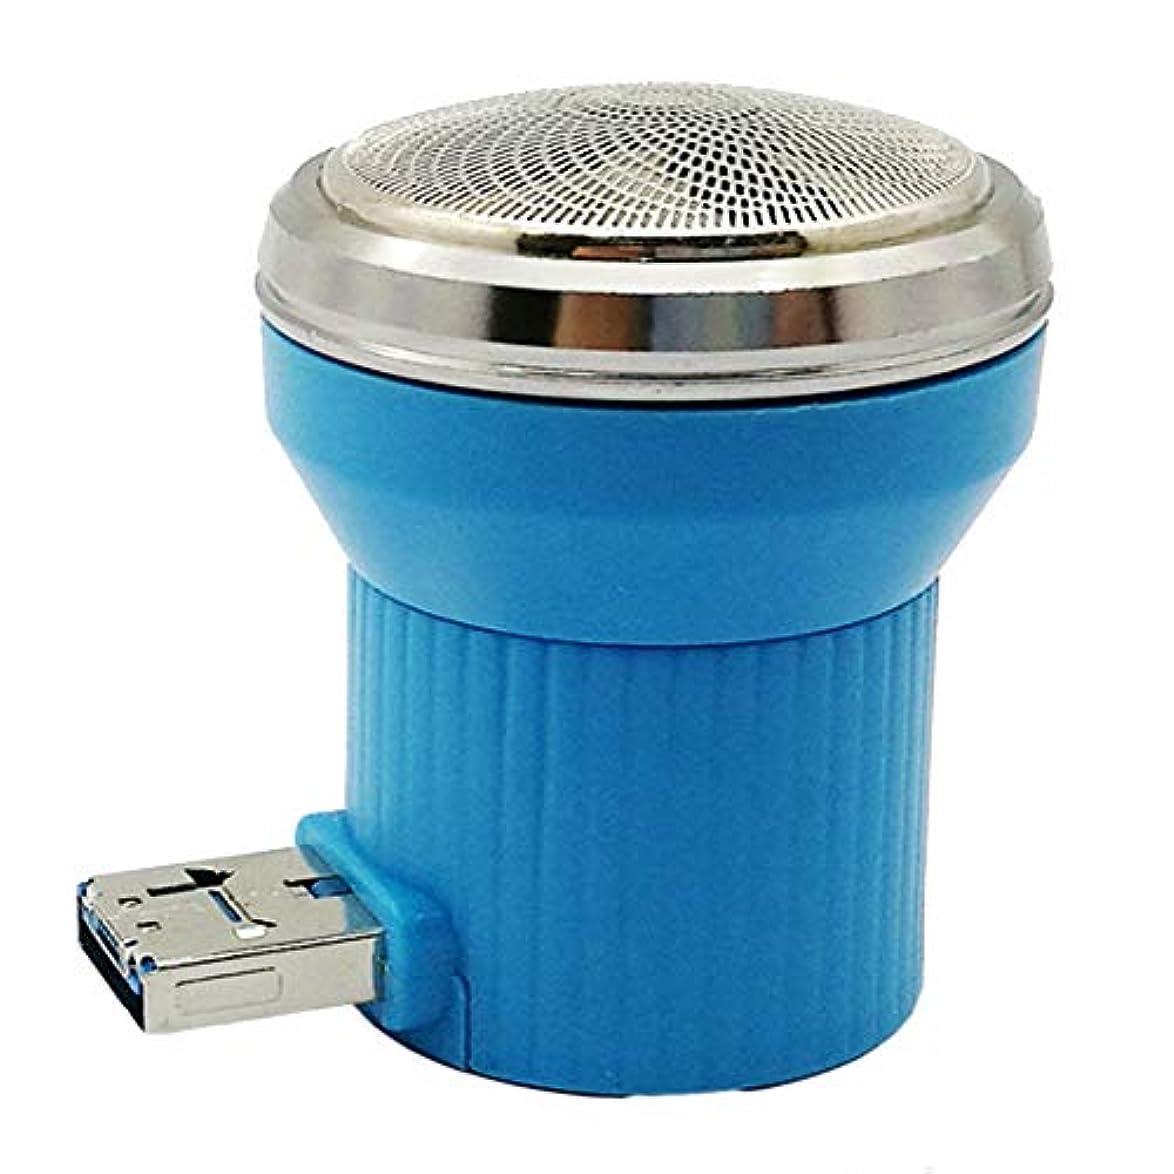 探偵せっかち嵐が丘旅行用かみそり用ミニかみそりUSB携帯電話多機能ポータブル電気メンズかみそり(ブルー)